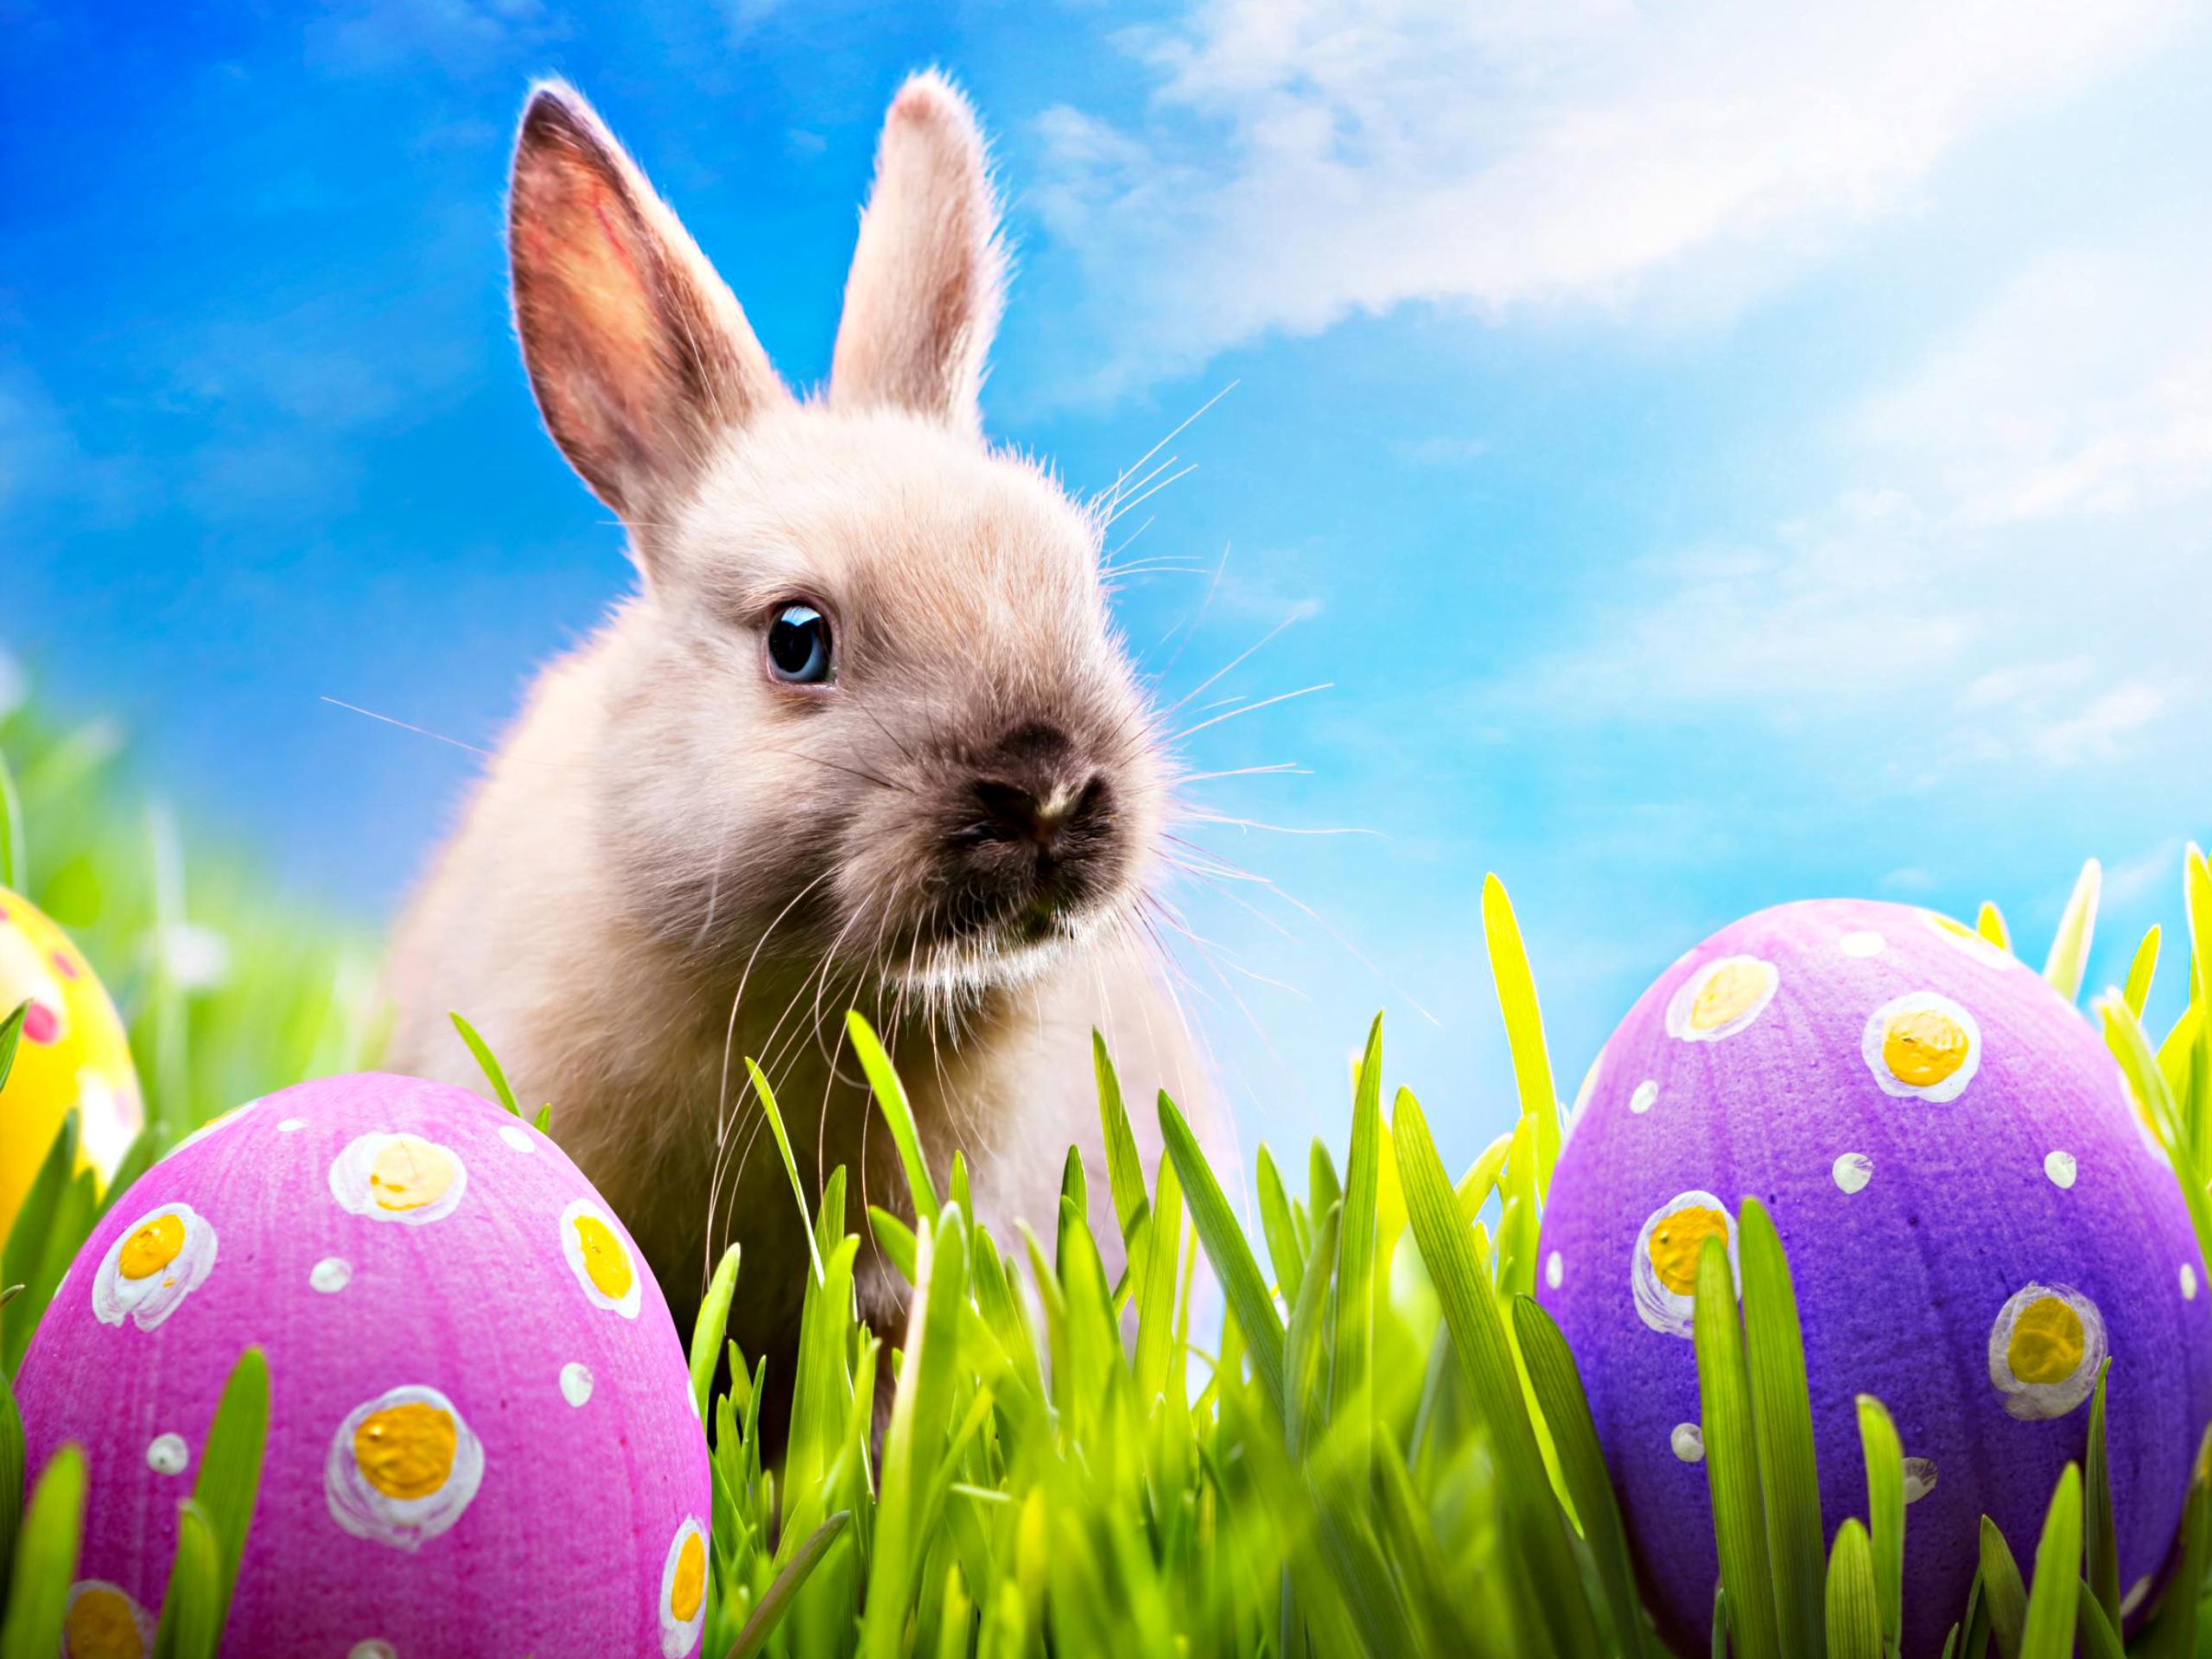 Húsvéti nyuszi tojásokkal - húsvéti programok 2016